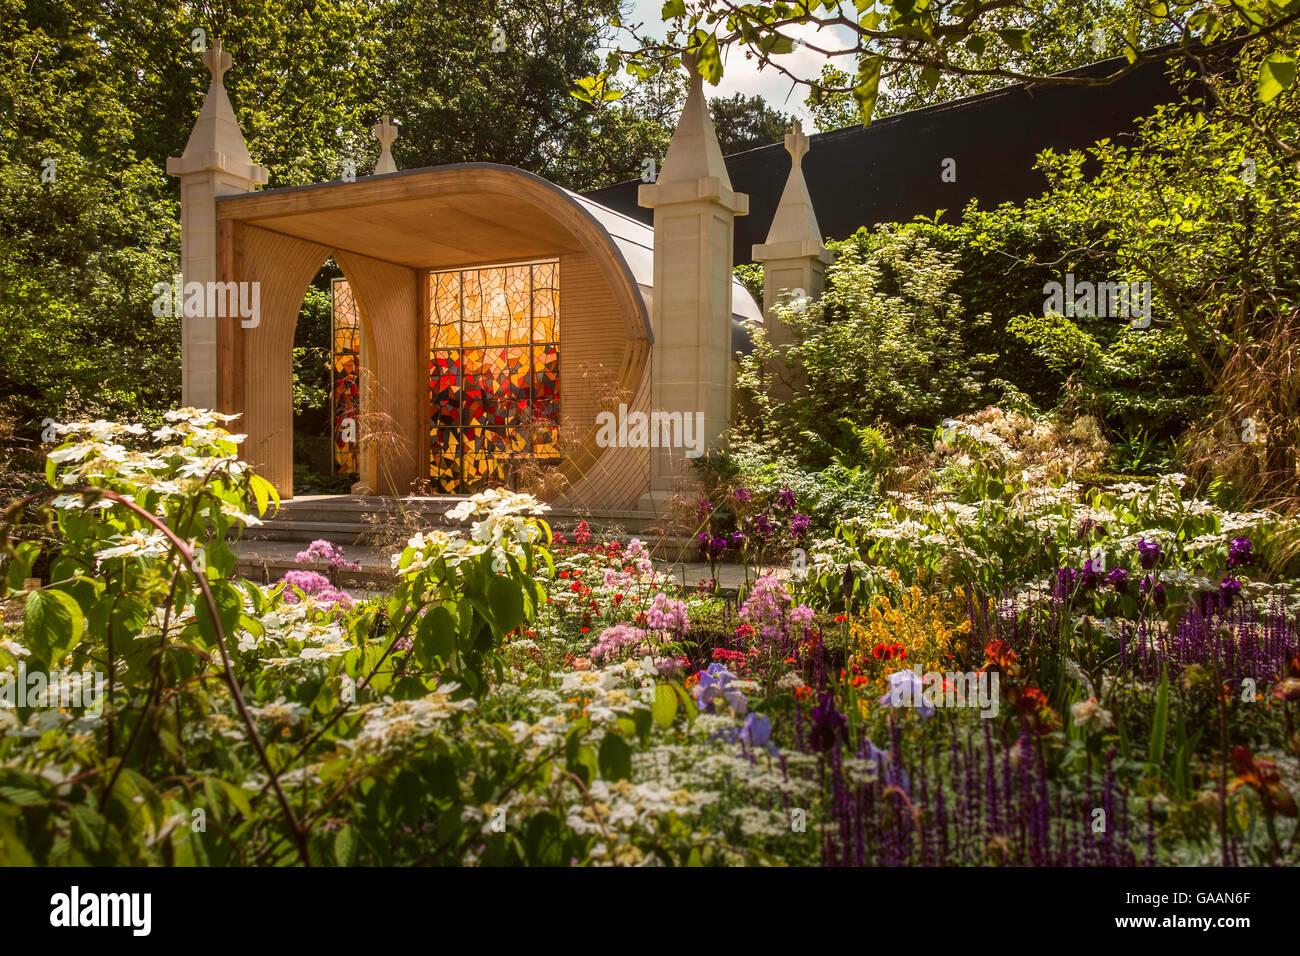 A Garden For Yorkshire Stock Photos & A Garden For Yorkshire Stock ...